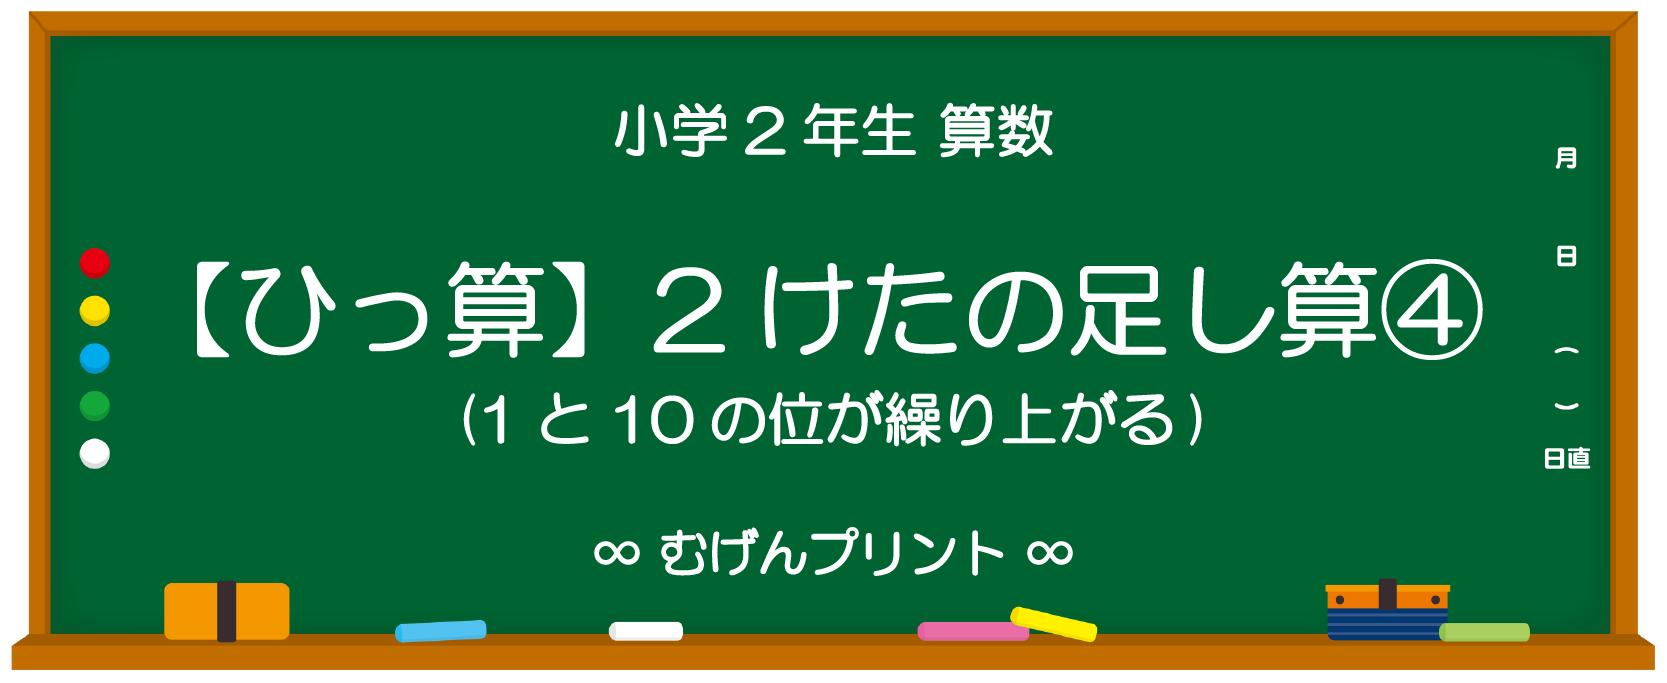 【小2 算数 無料プリント/ミニテスト/ドリル】【ひっ算】2けたの足し算④(1と10の位が繰り上がる)